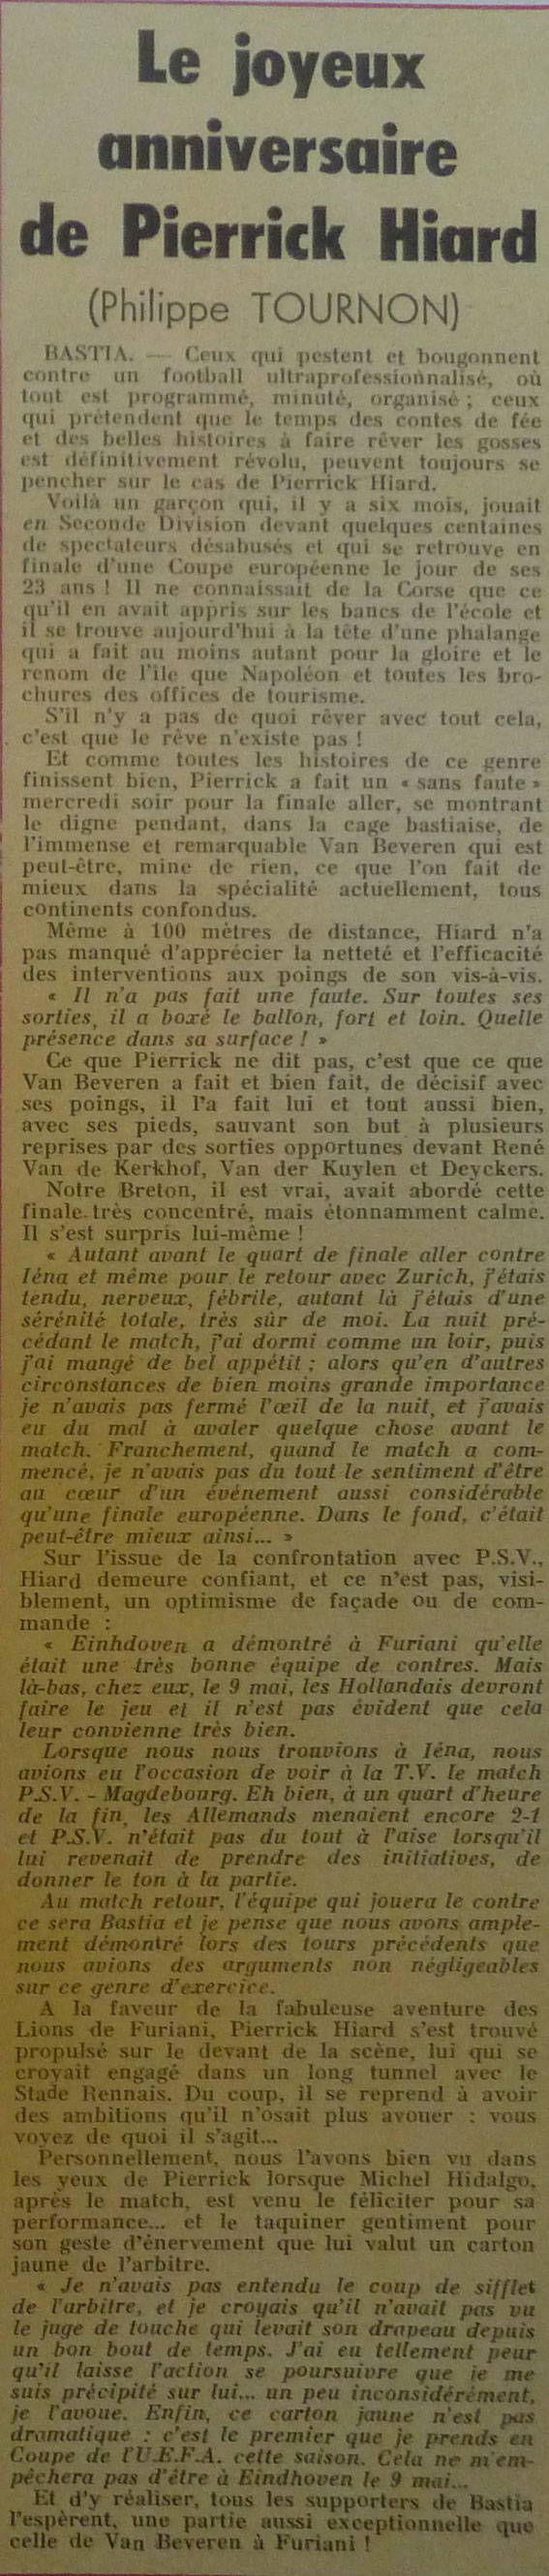 France Football pour les articles précédents .